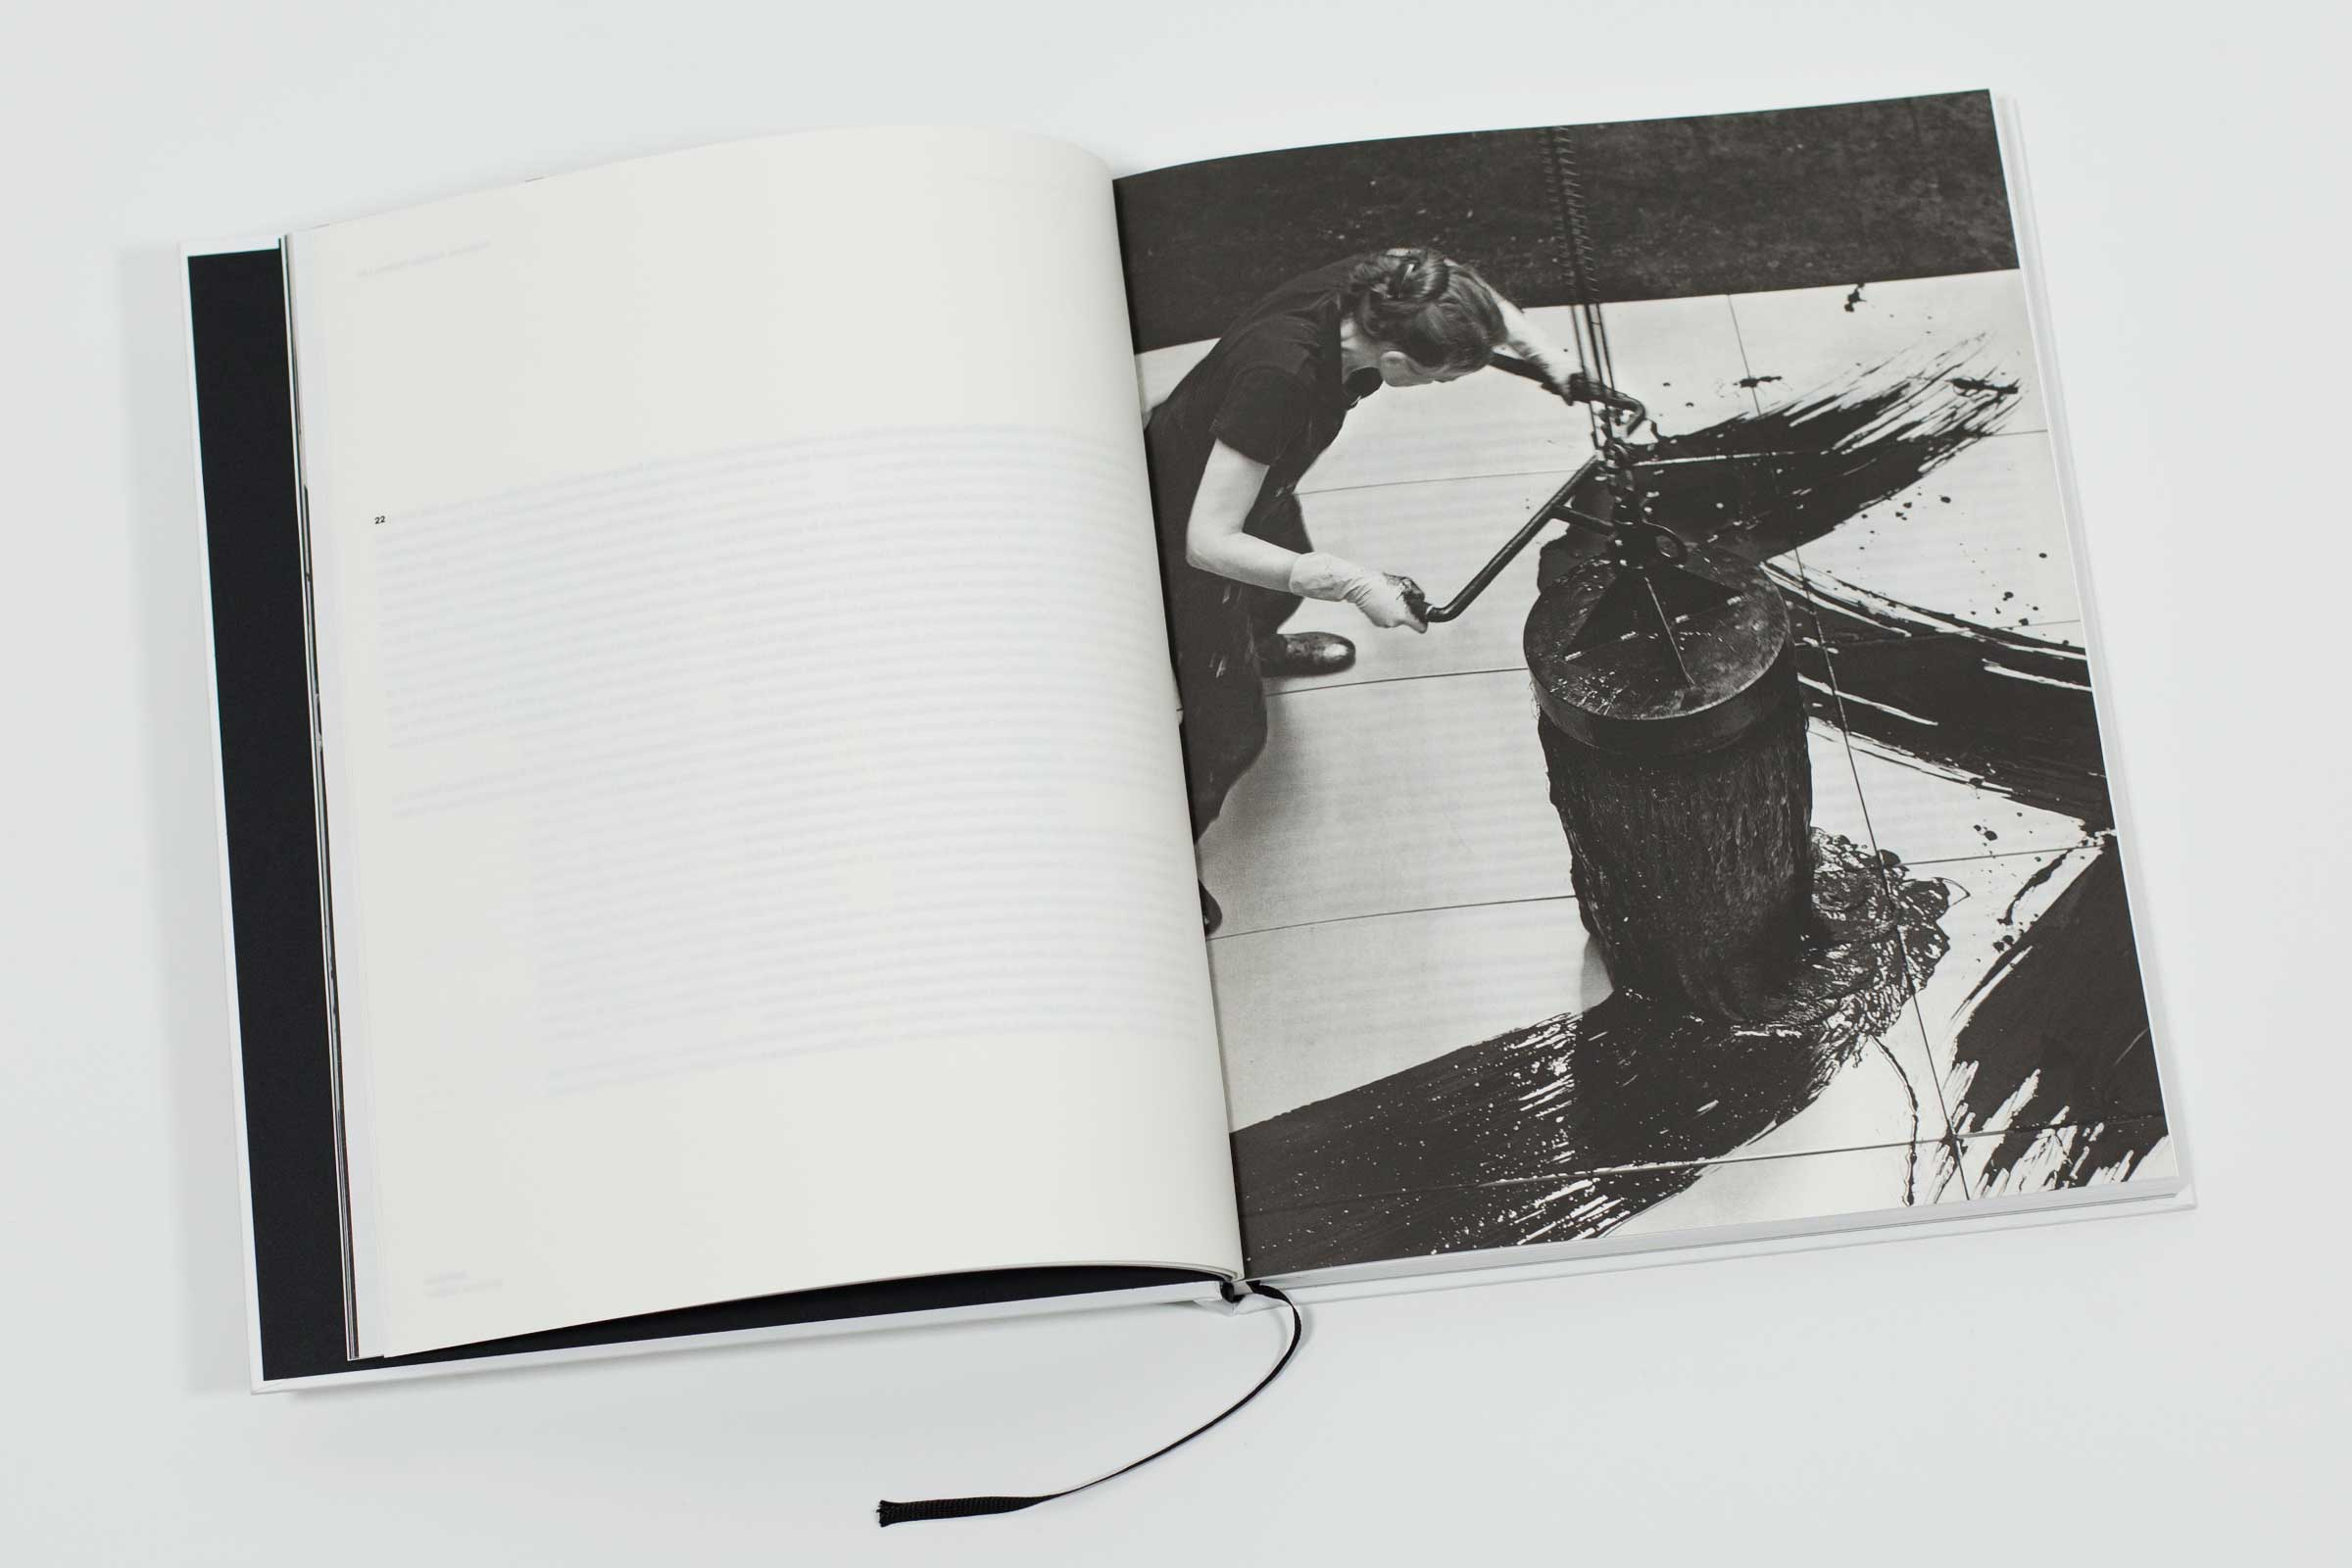 peinture fabienne verdier catalogue 2009 jeanne. Black Bedroom Furniture Sets. Home Design Ideas